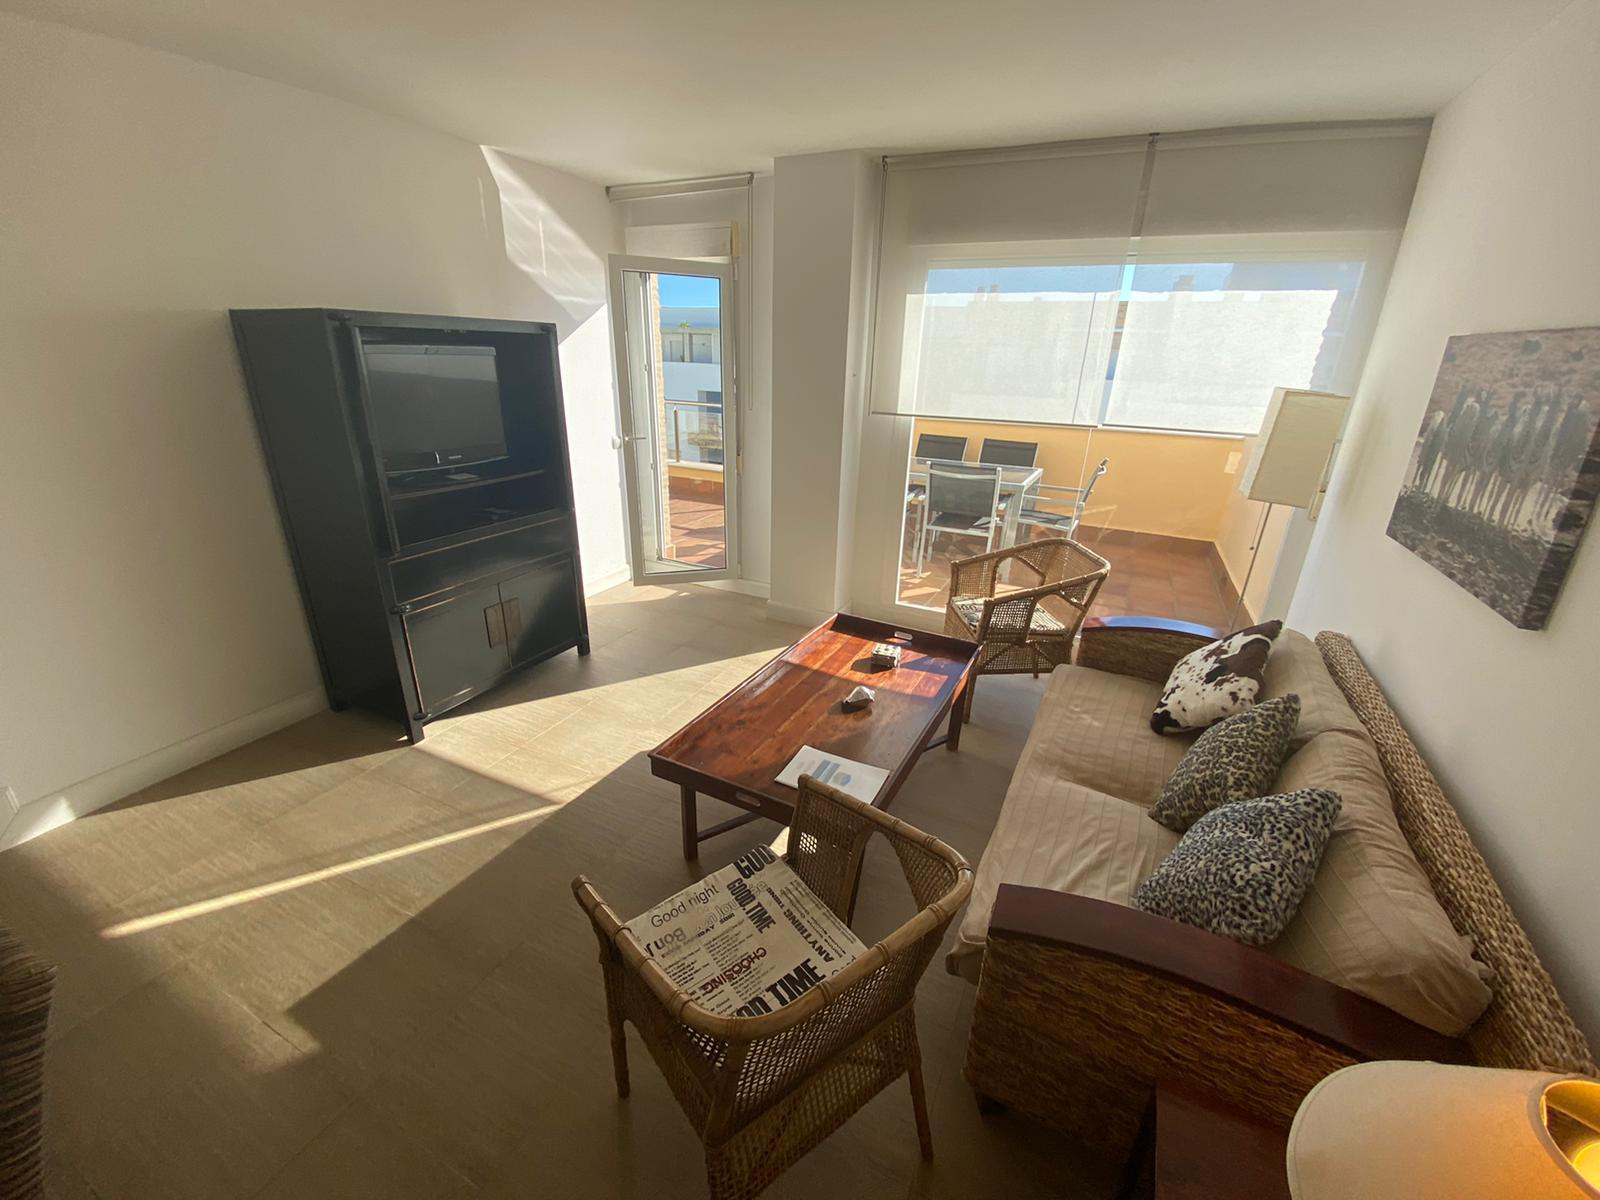 Imagen 24 del Apartamento Turístico, Ático 1 Levante (3d+2b), Punta del Moral (HUELVA), Paseo de la Cruz nº22